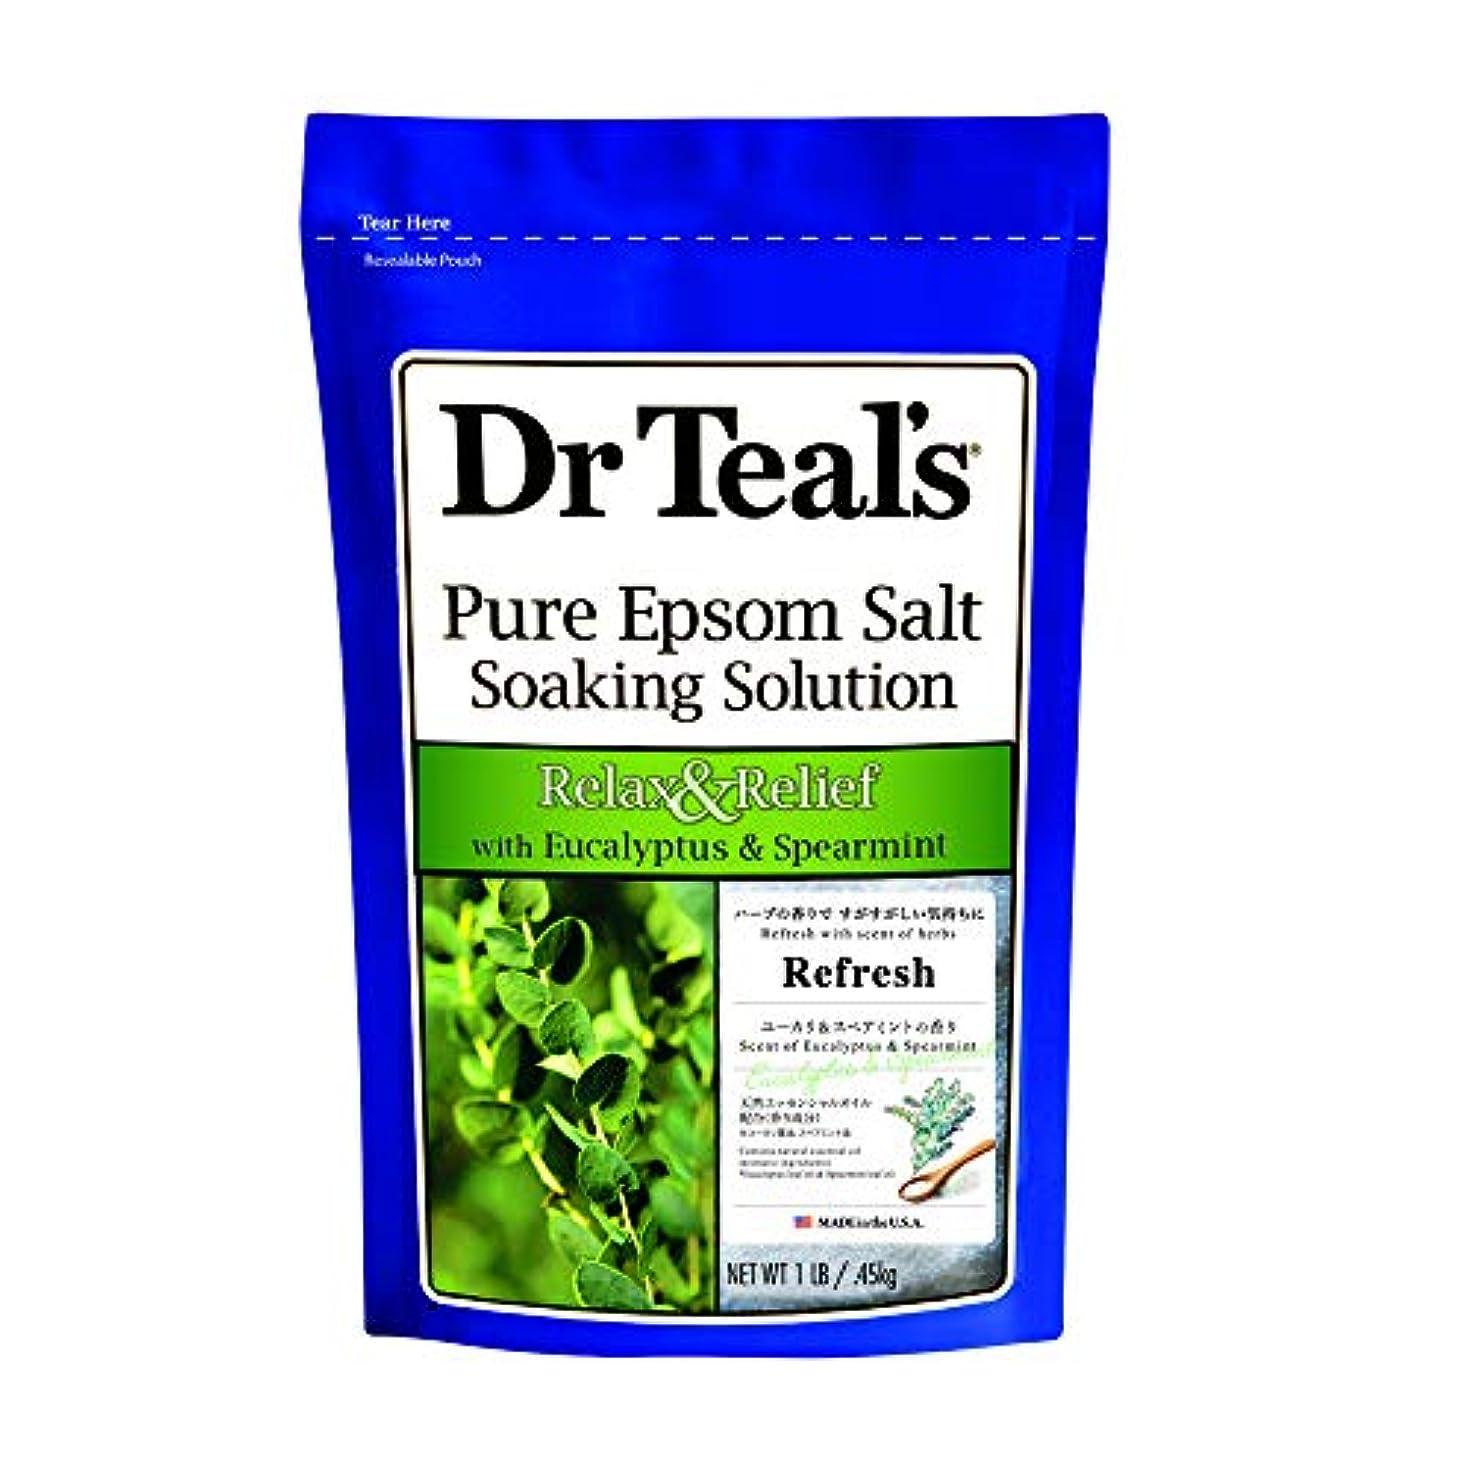 性差別道路一方、Dr Teal's(ティールズ) フレグランスエプソムソルト ユーカリ&スペアミント 入浴剤 453g